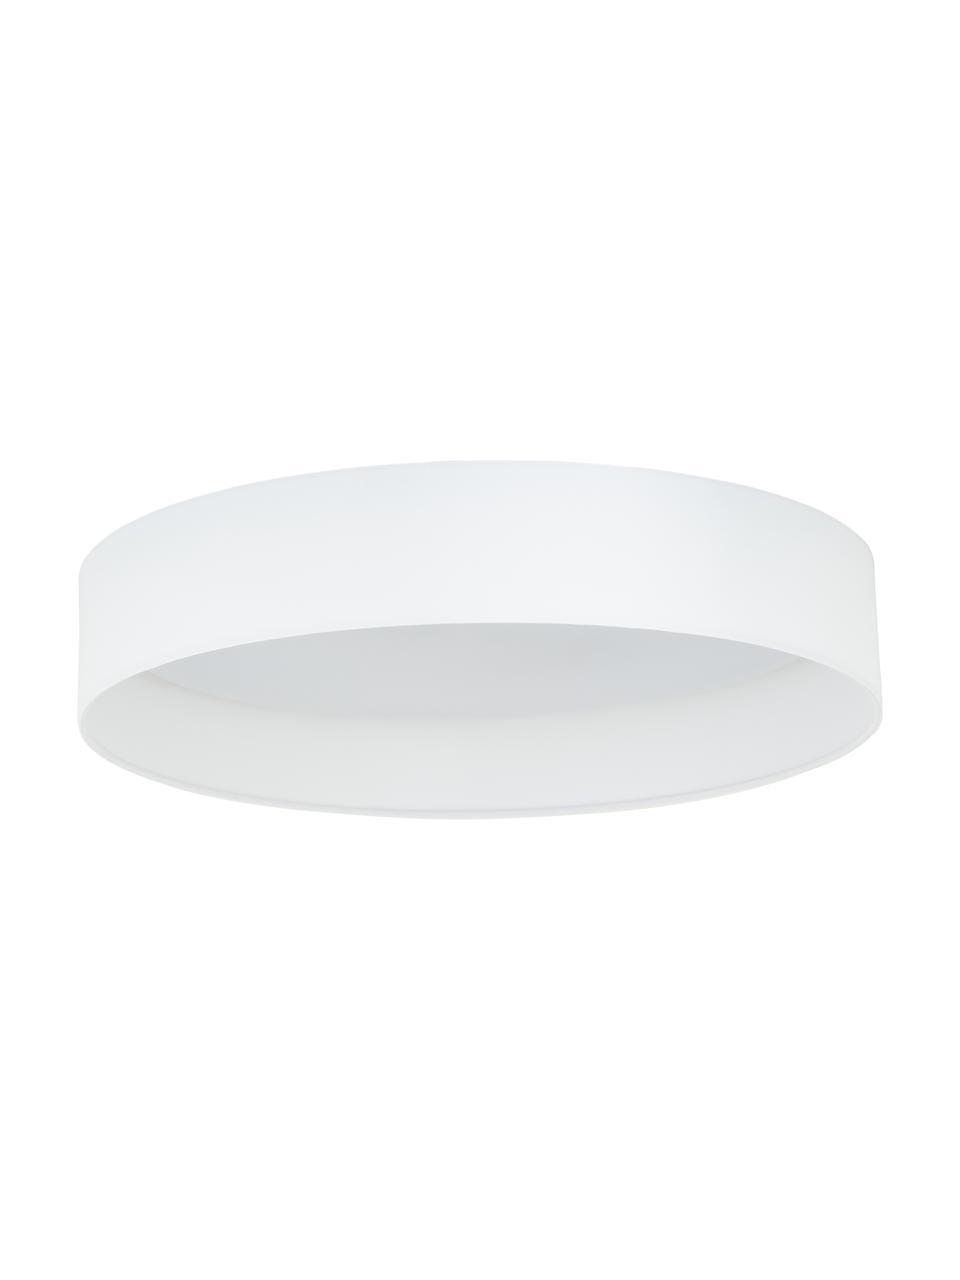 LED plafondlamp Helen in wit, Diffuser: kunststof, Wit, Ø 52 x H 11 cm